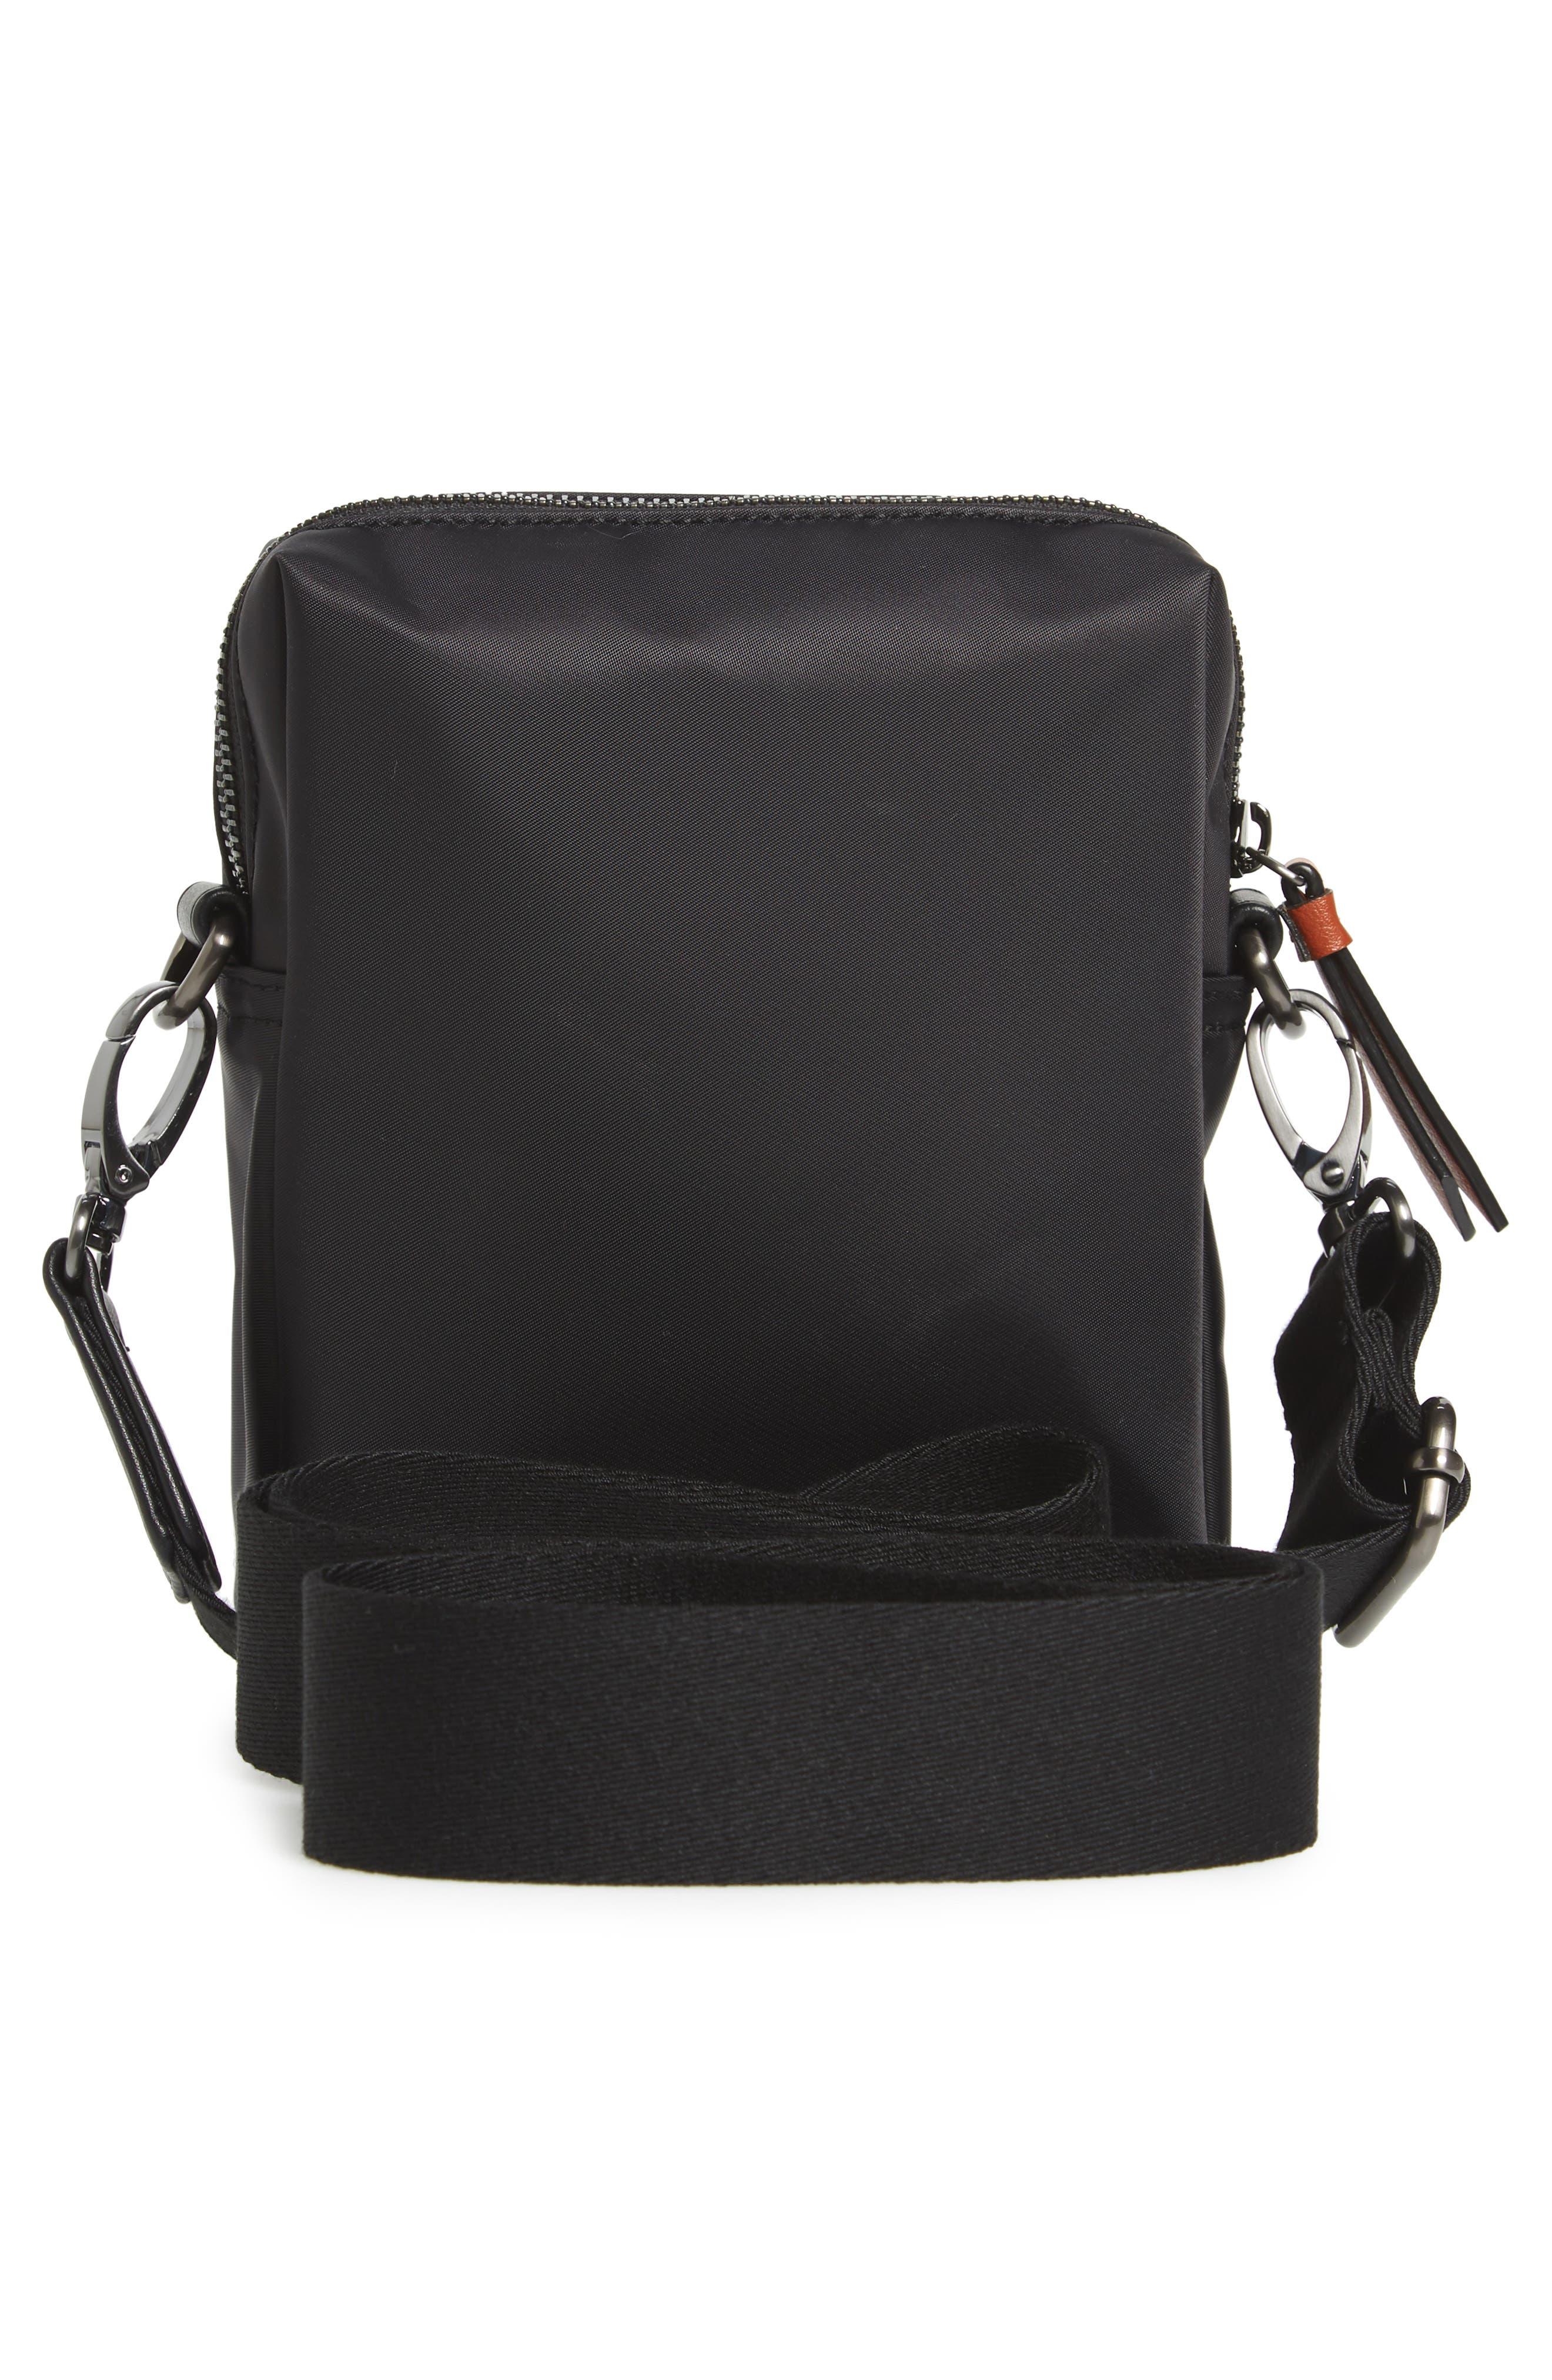 TED BAKER LONDON, Mini Flight Bag, Alternate thumbnail 3, color, BLACK